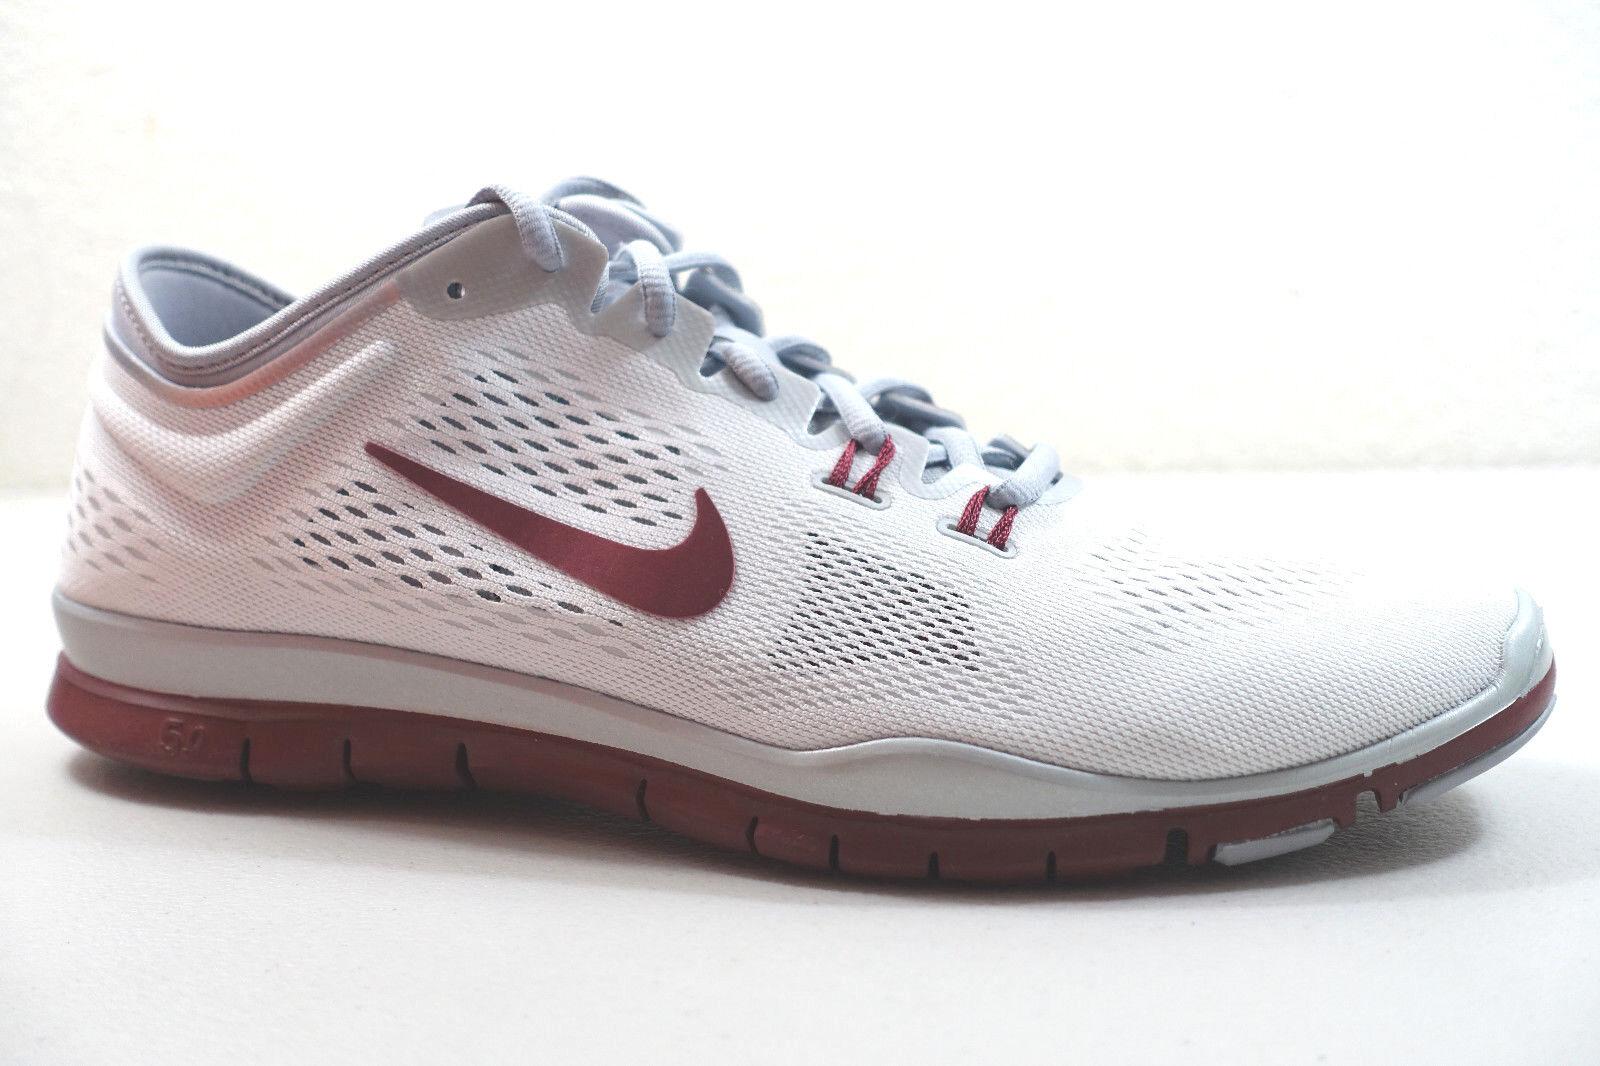 Descuento por tiempo limitado Nike Para Dama 5.0 GRATIS TR FIT 4 Equipo Zapatos Talla 11.5 Blanco Gris Rojo